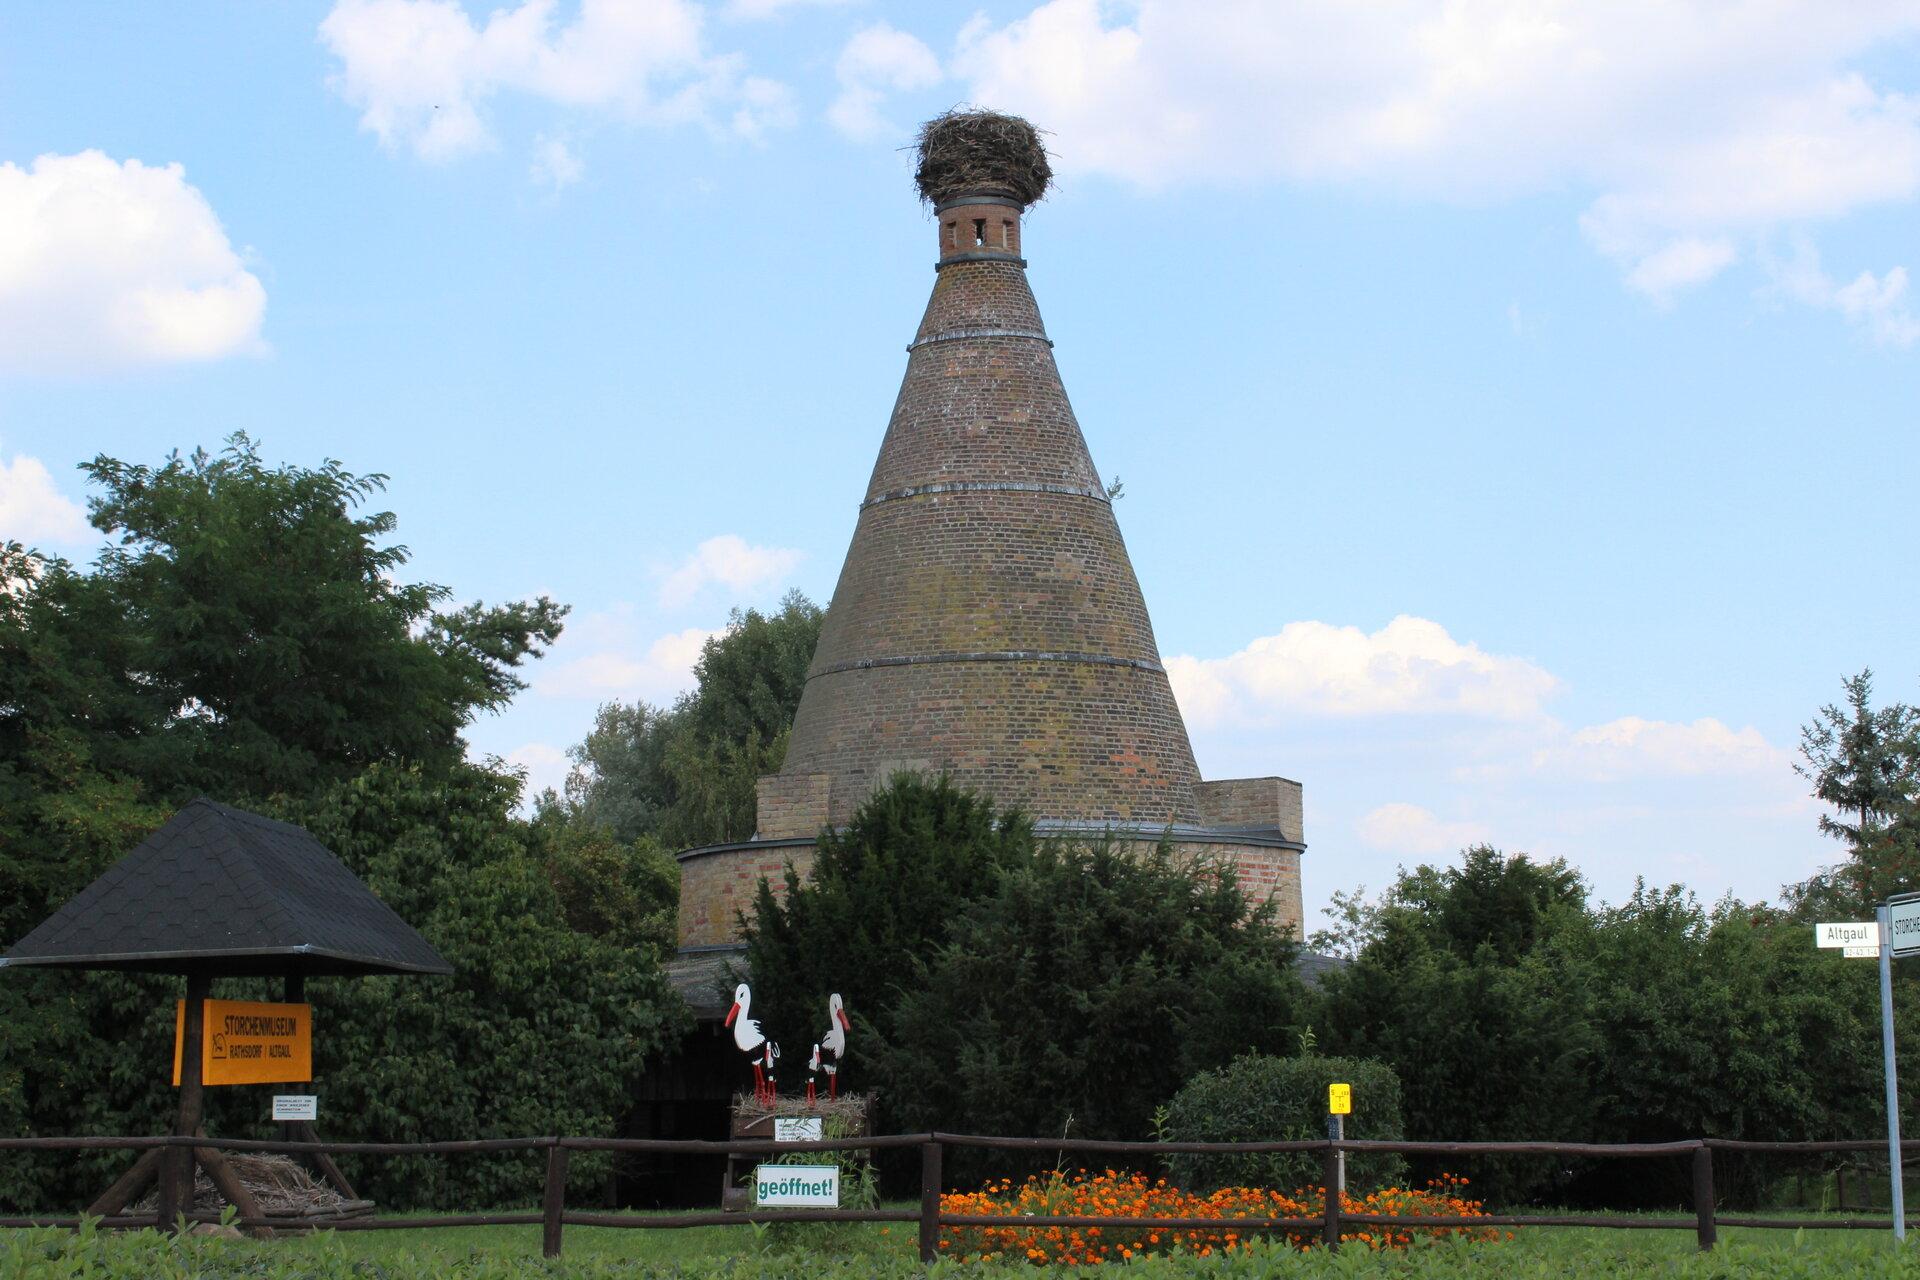 Storchenturm Rathsdorf